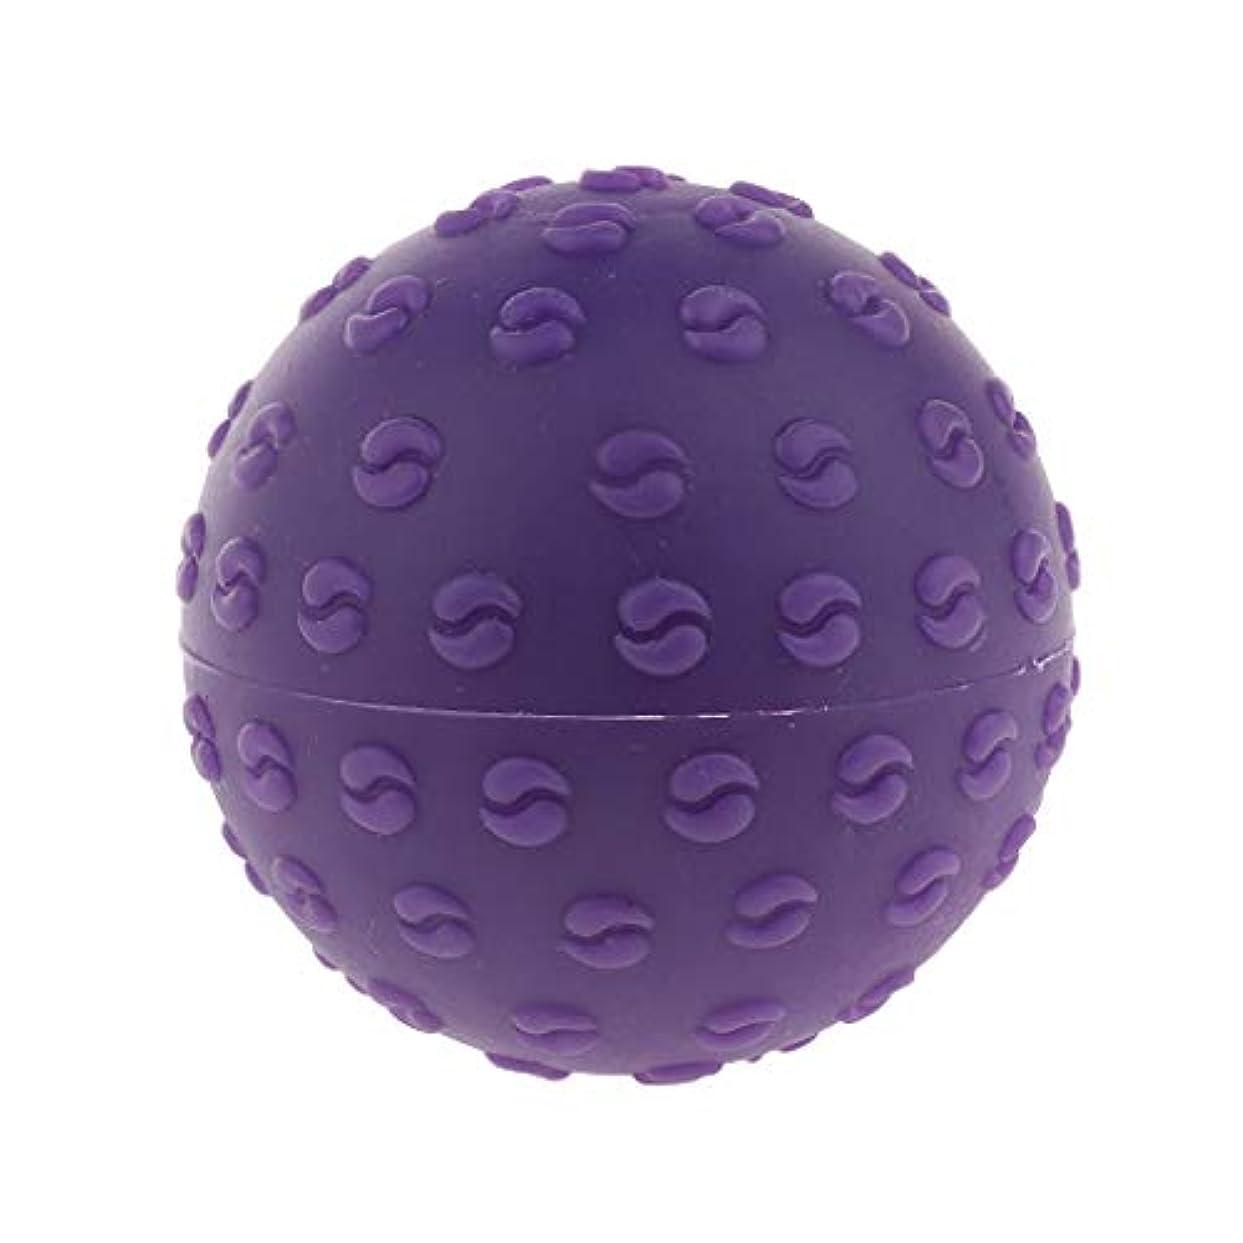 磁気弁護人アブセイD DOLITY マッサージボール 指圧ボール シリコーン トリガーポイント 足底筋膜炎 ヨガ 快適 全6色 - 紫, 説明のとおり